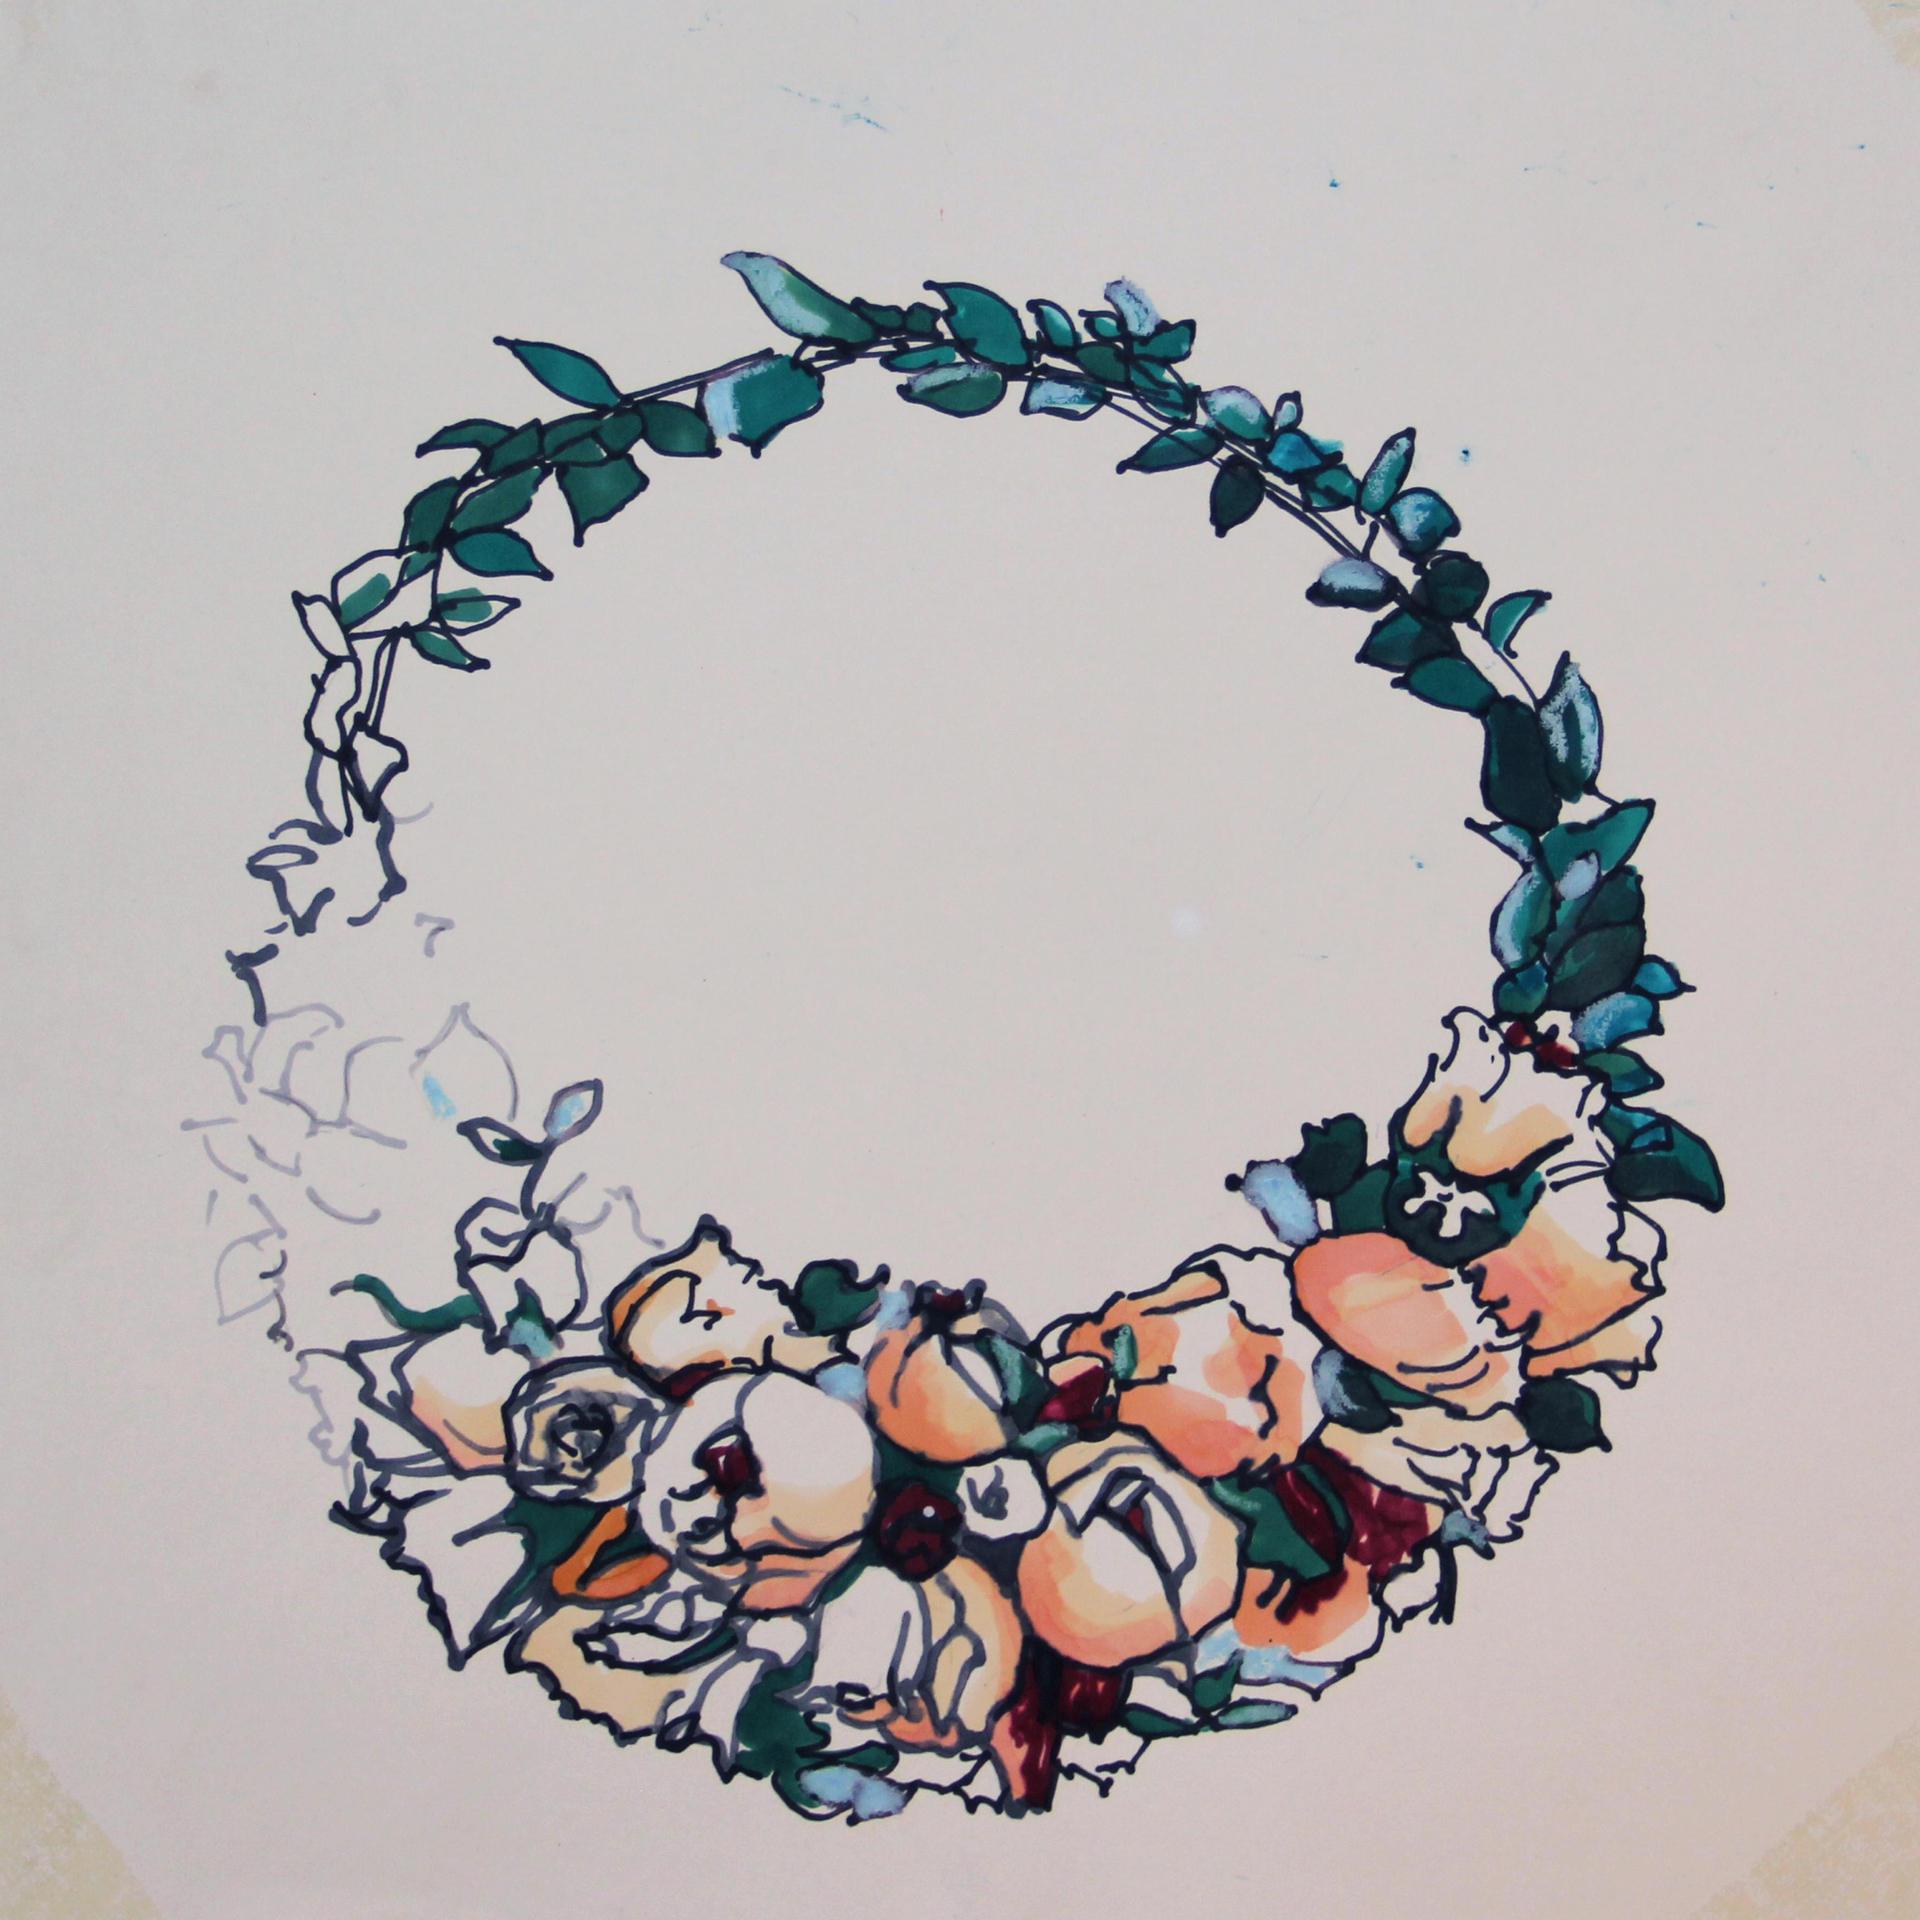 Sapir Gal ספיר גל, Flower Tiara Crown, drawing, Marker